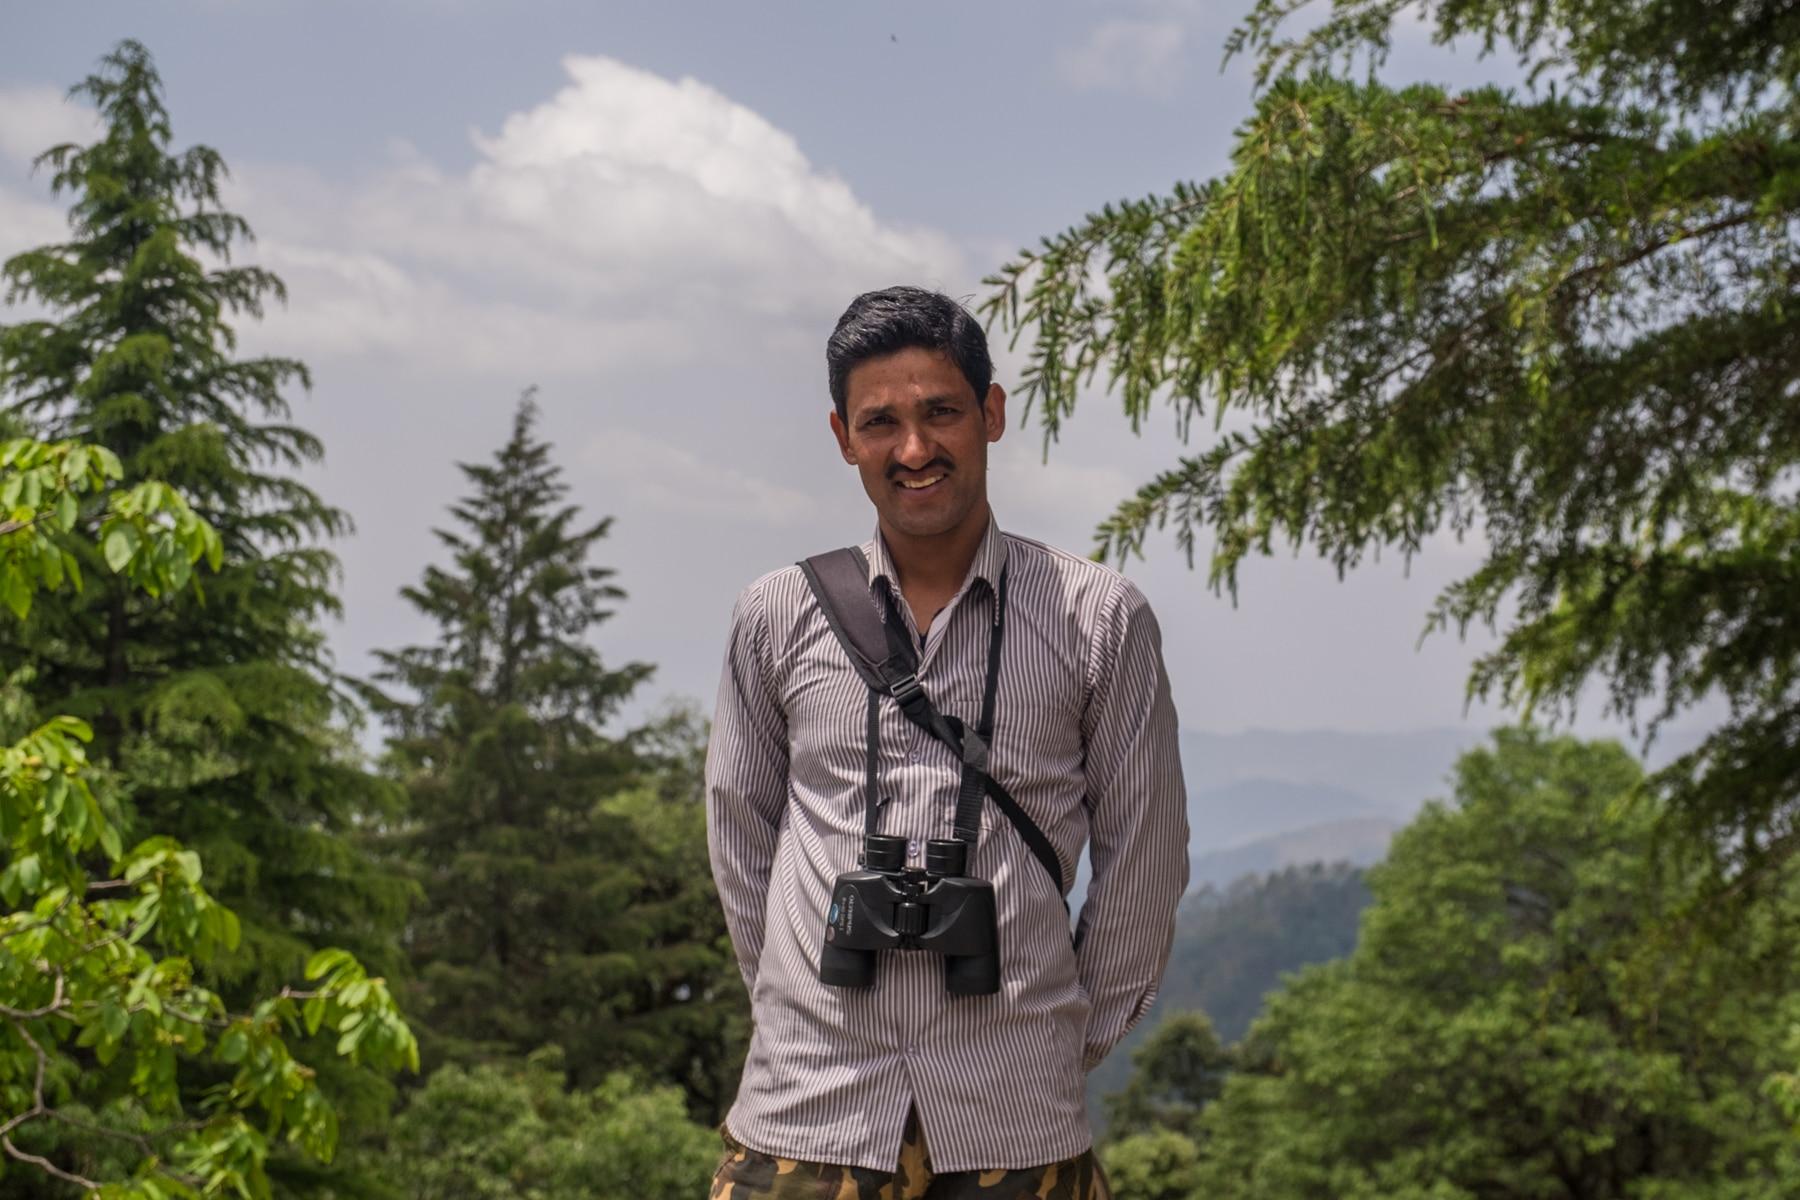 Binsar national park